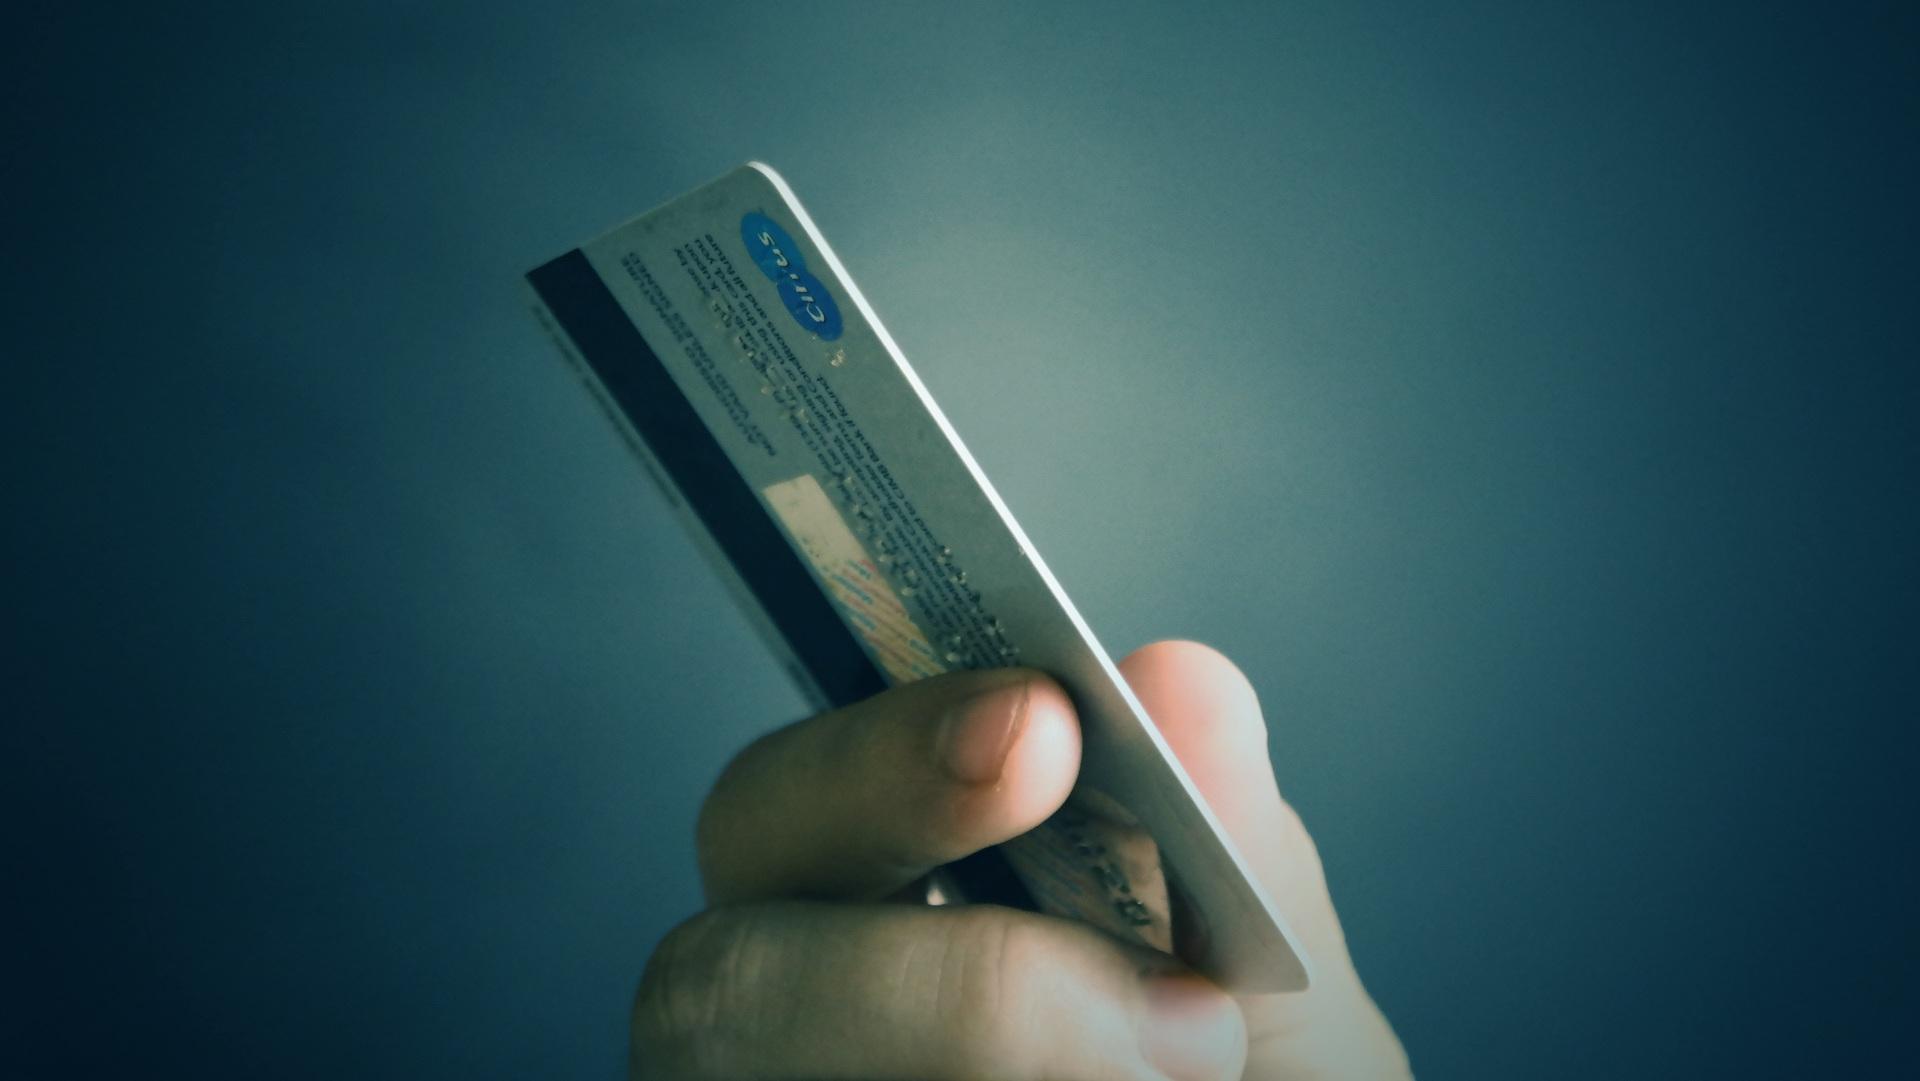 Une banque est contrainte de changer 12 millions de cartes bancaires à cause d'un leak rarissime